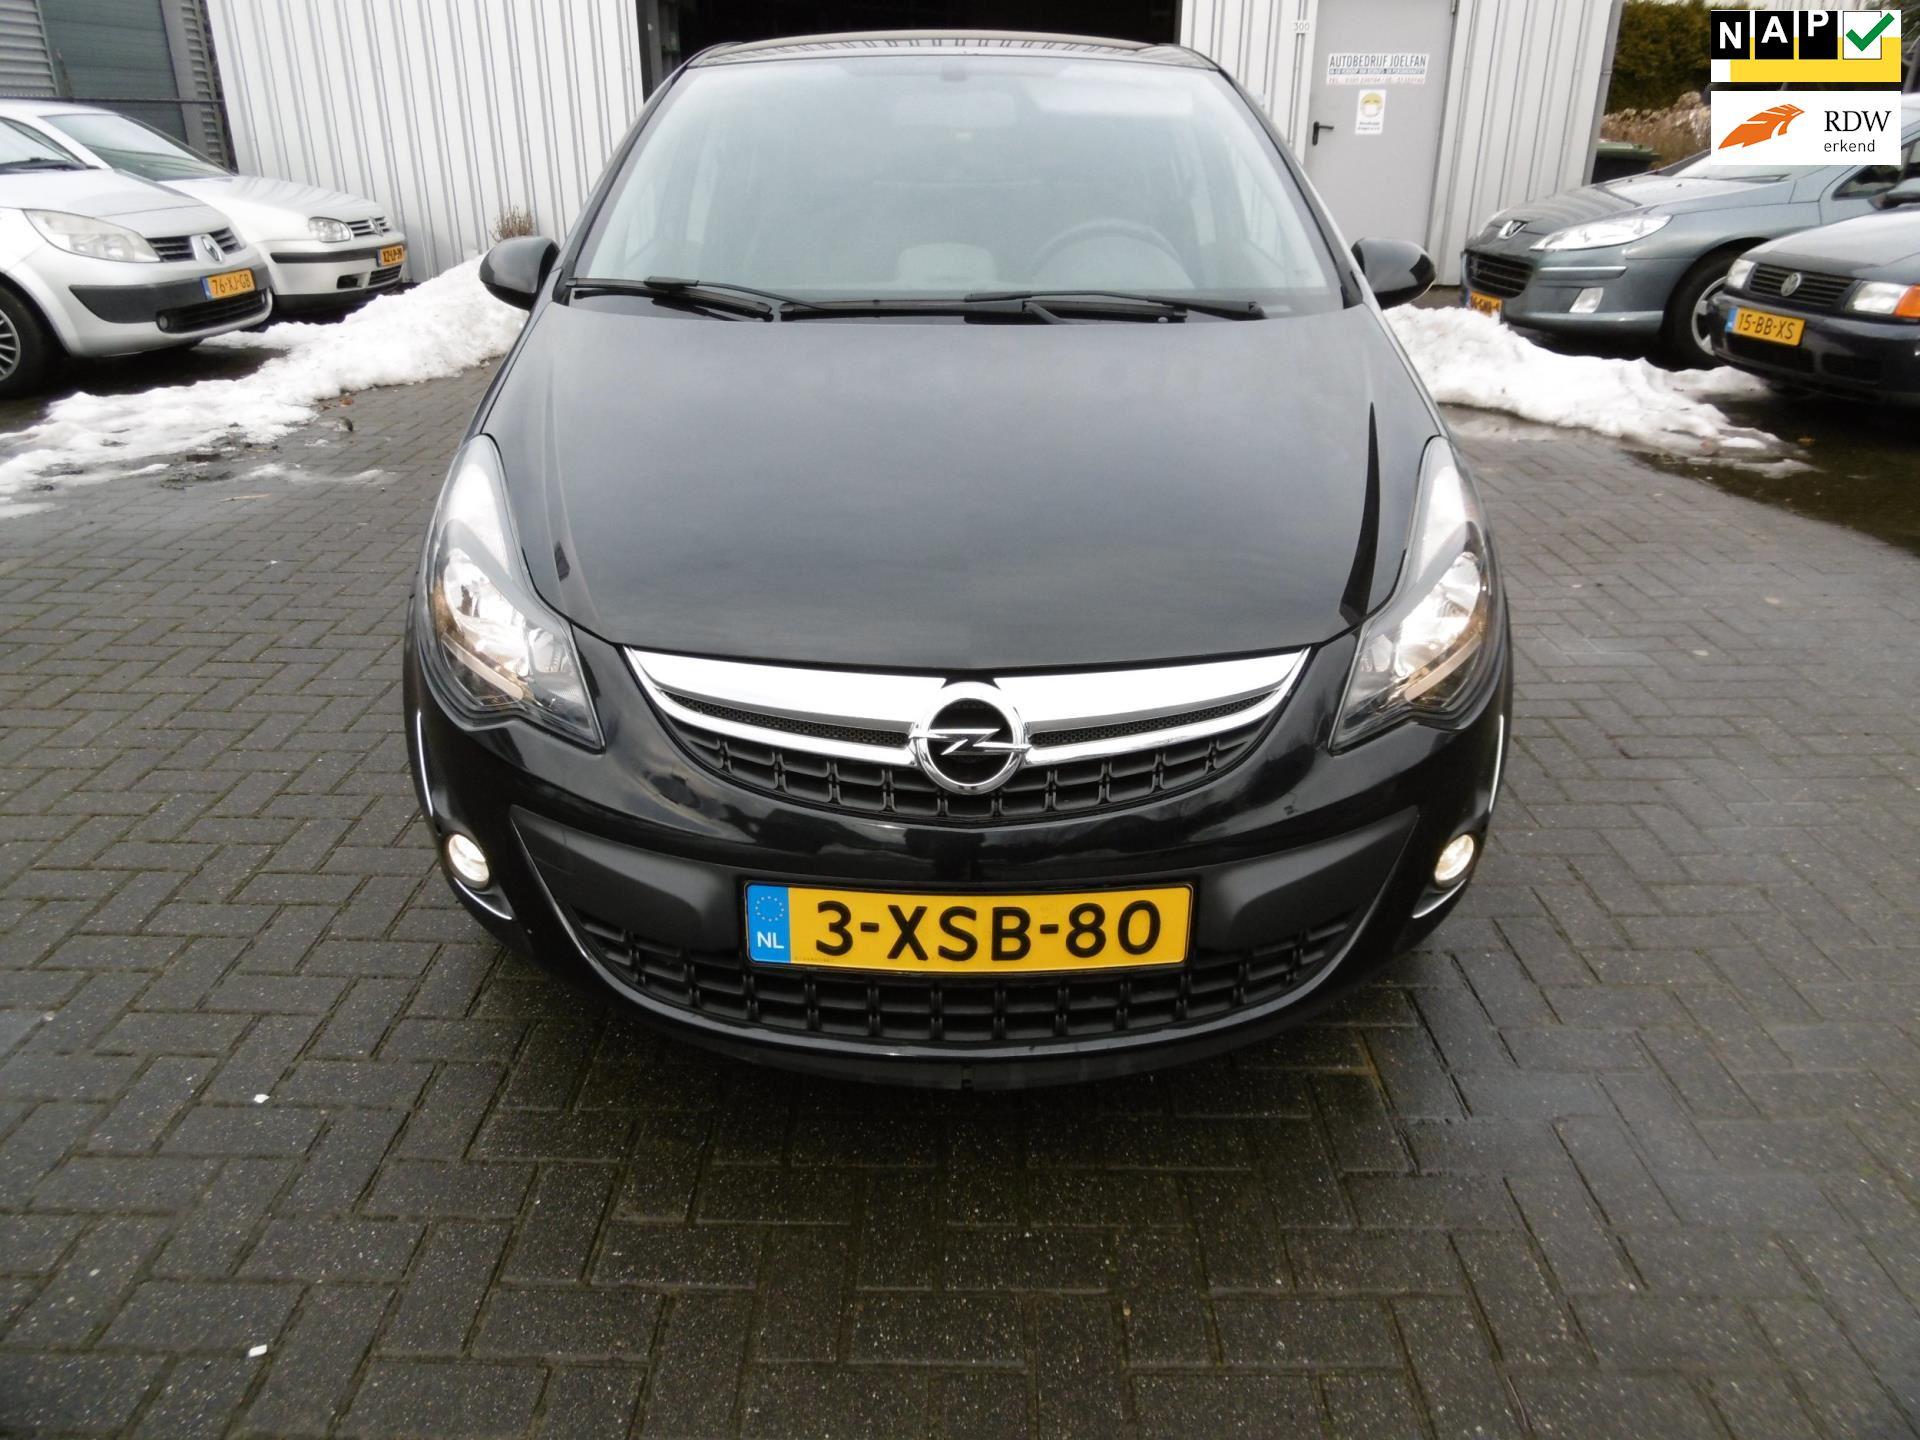 Opel Corsa occasion - Autobedrijf M. Joelfan